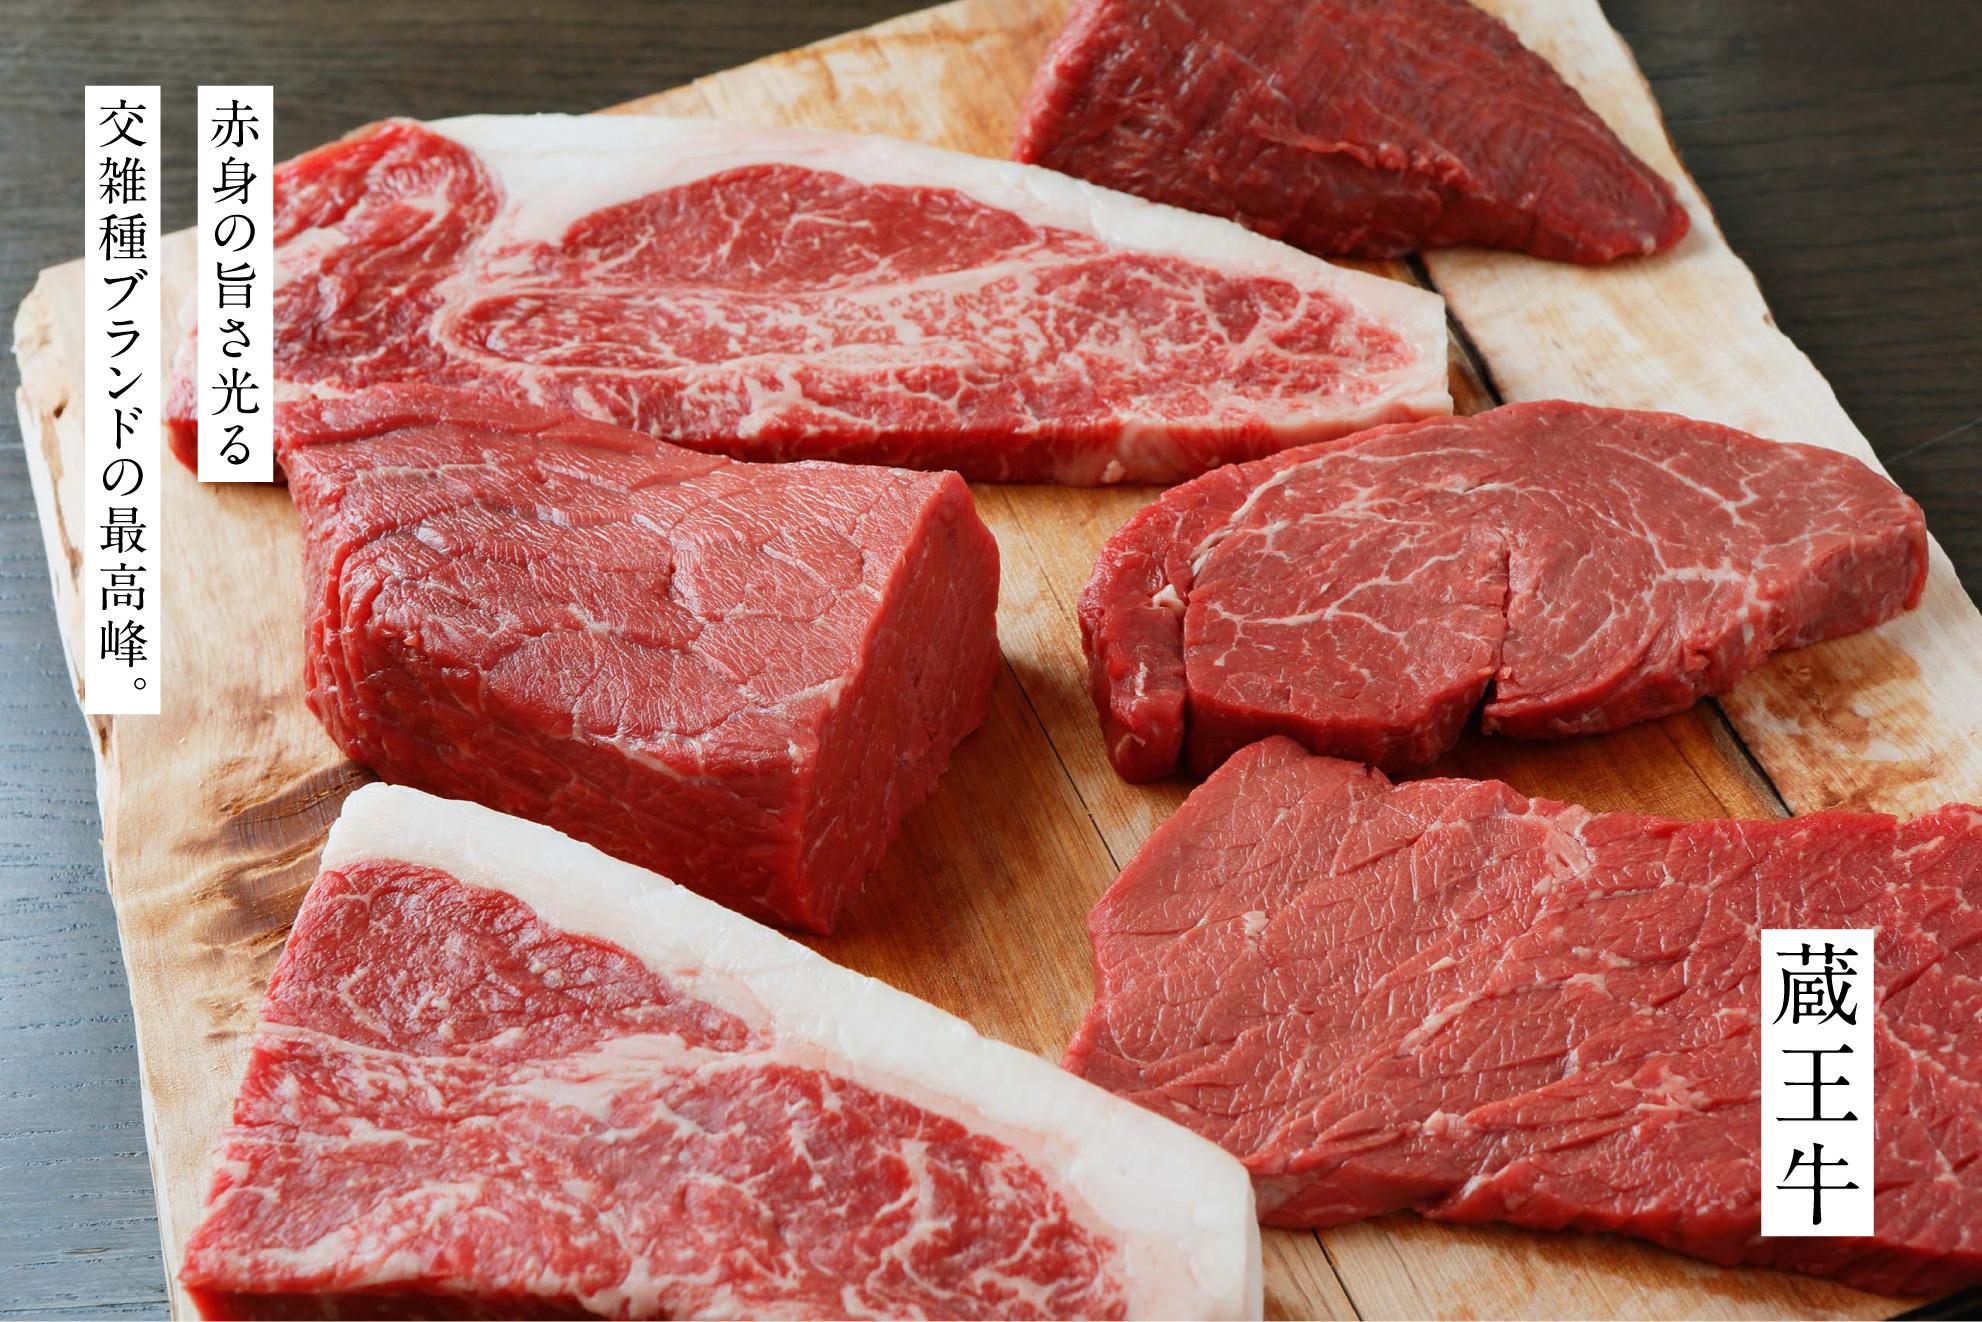 旨さ溢れる赤身肉 蔵王牛